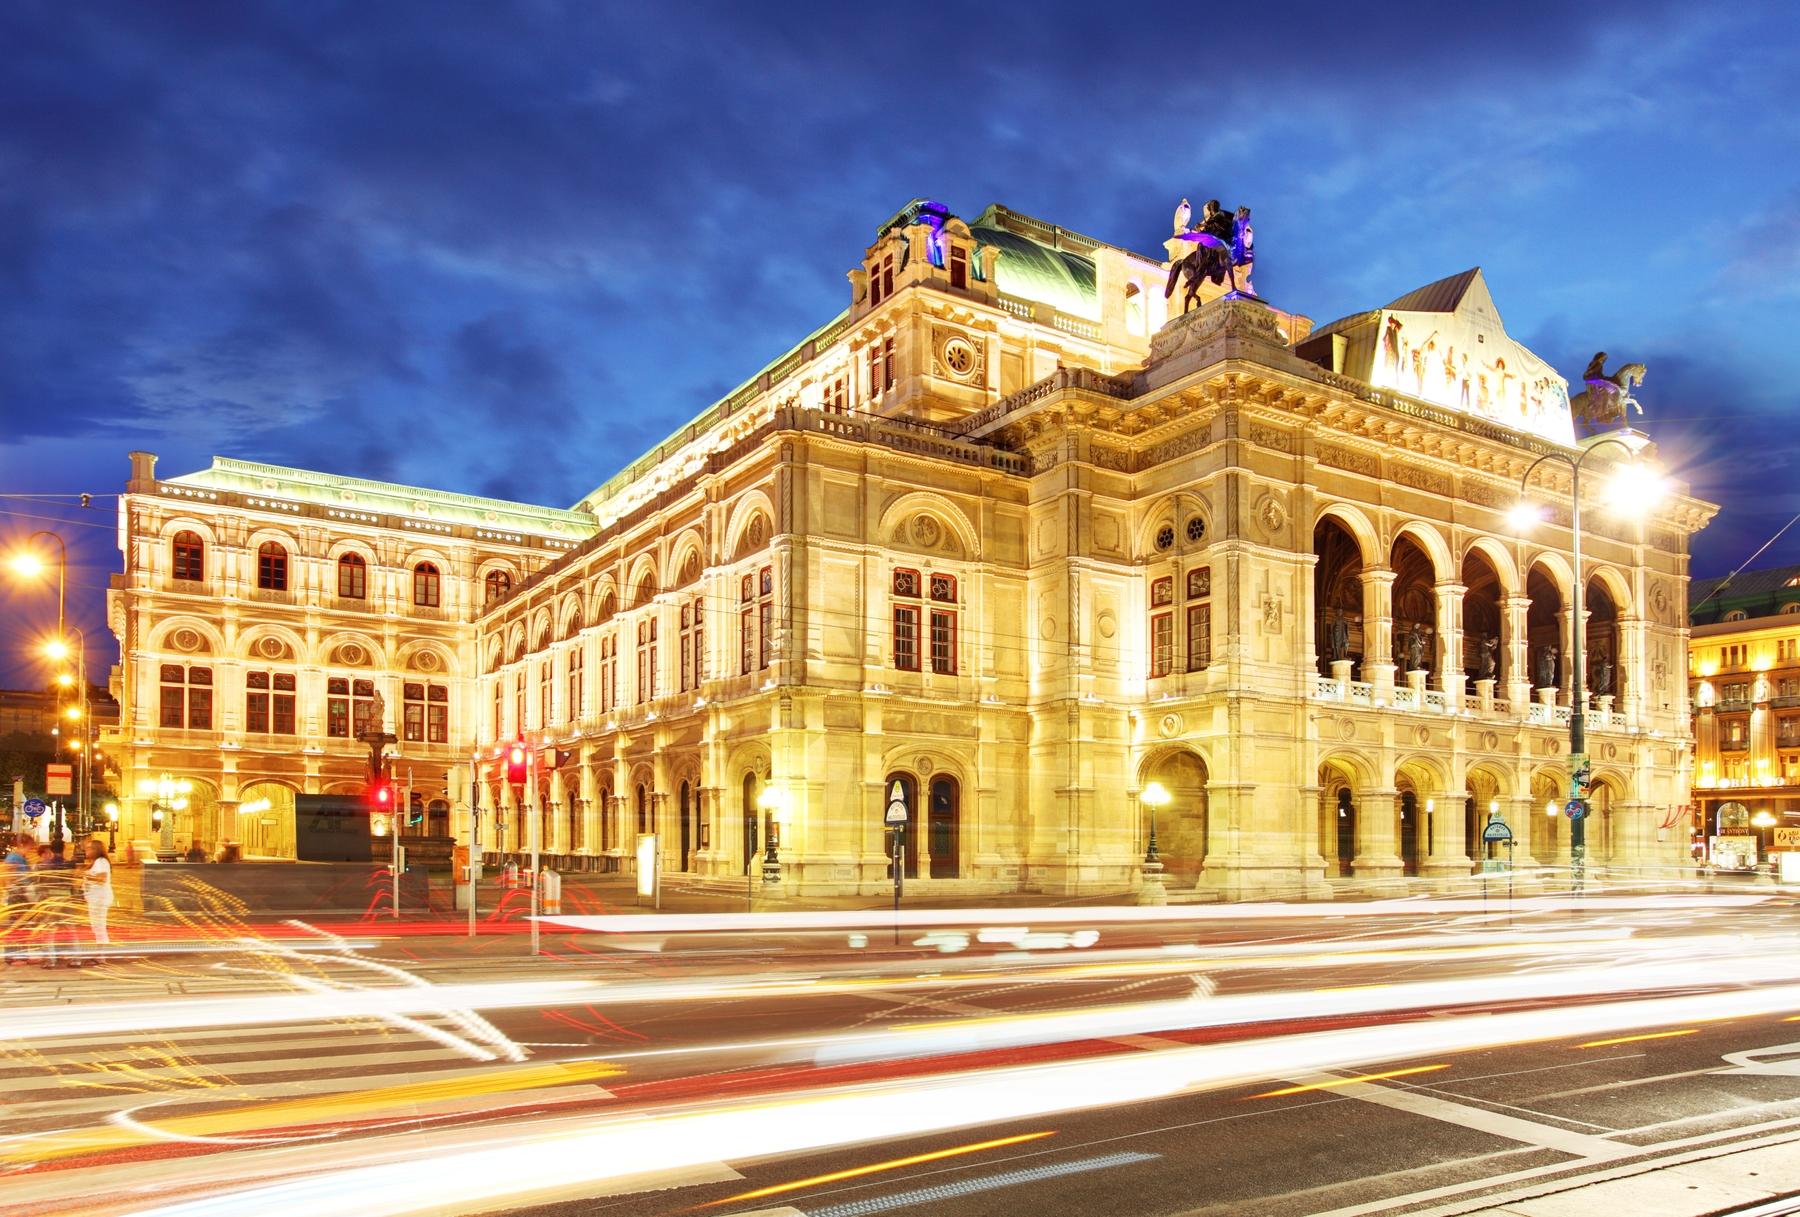 Вечерняя подсветка на здании Венской оперы